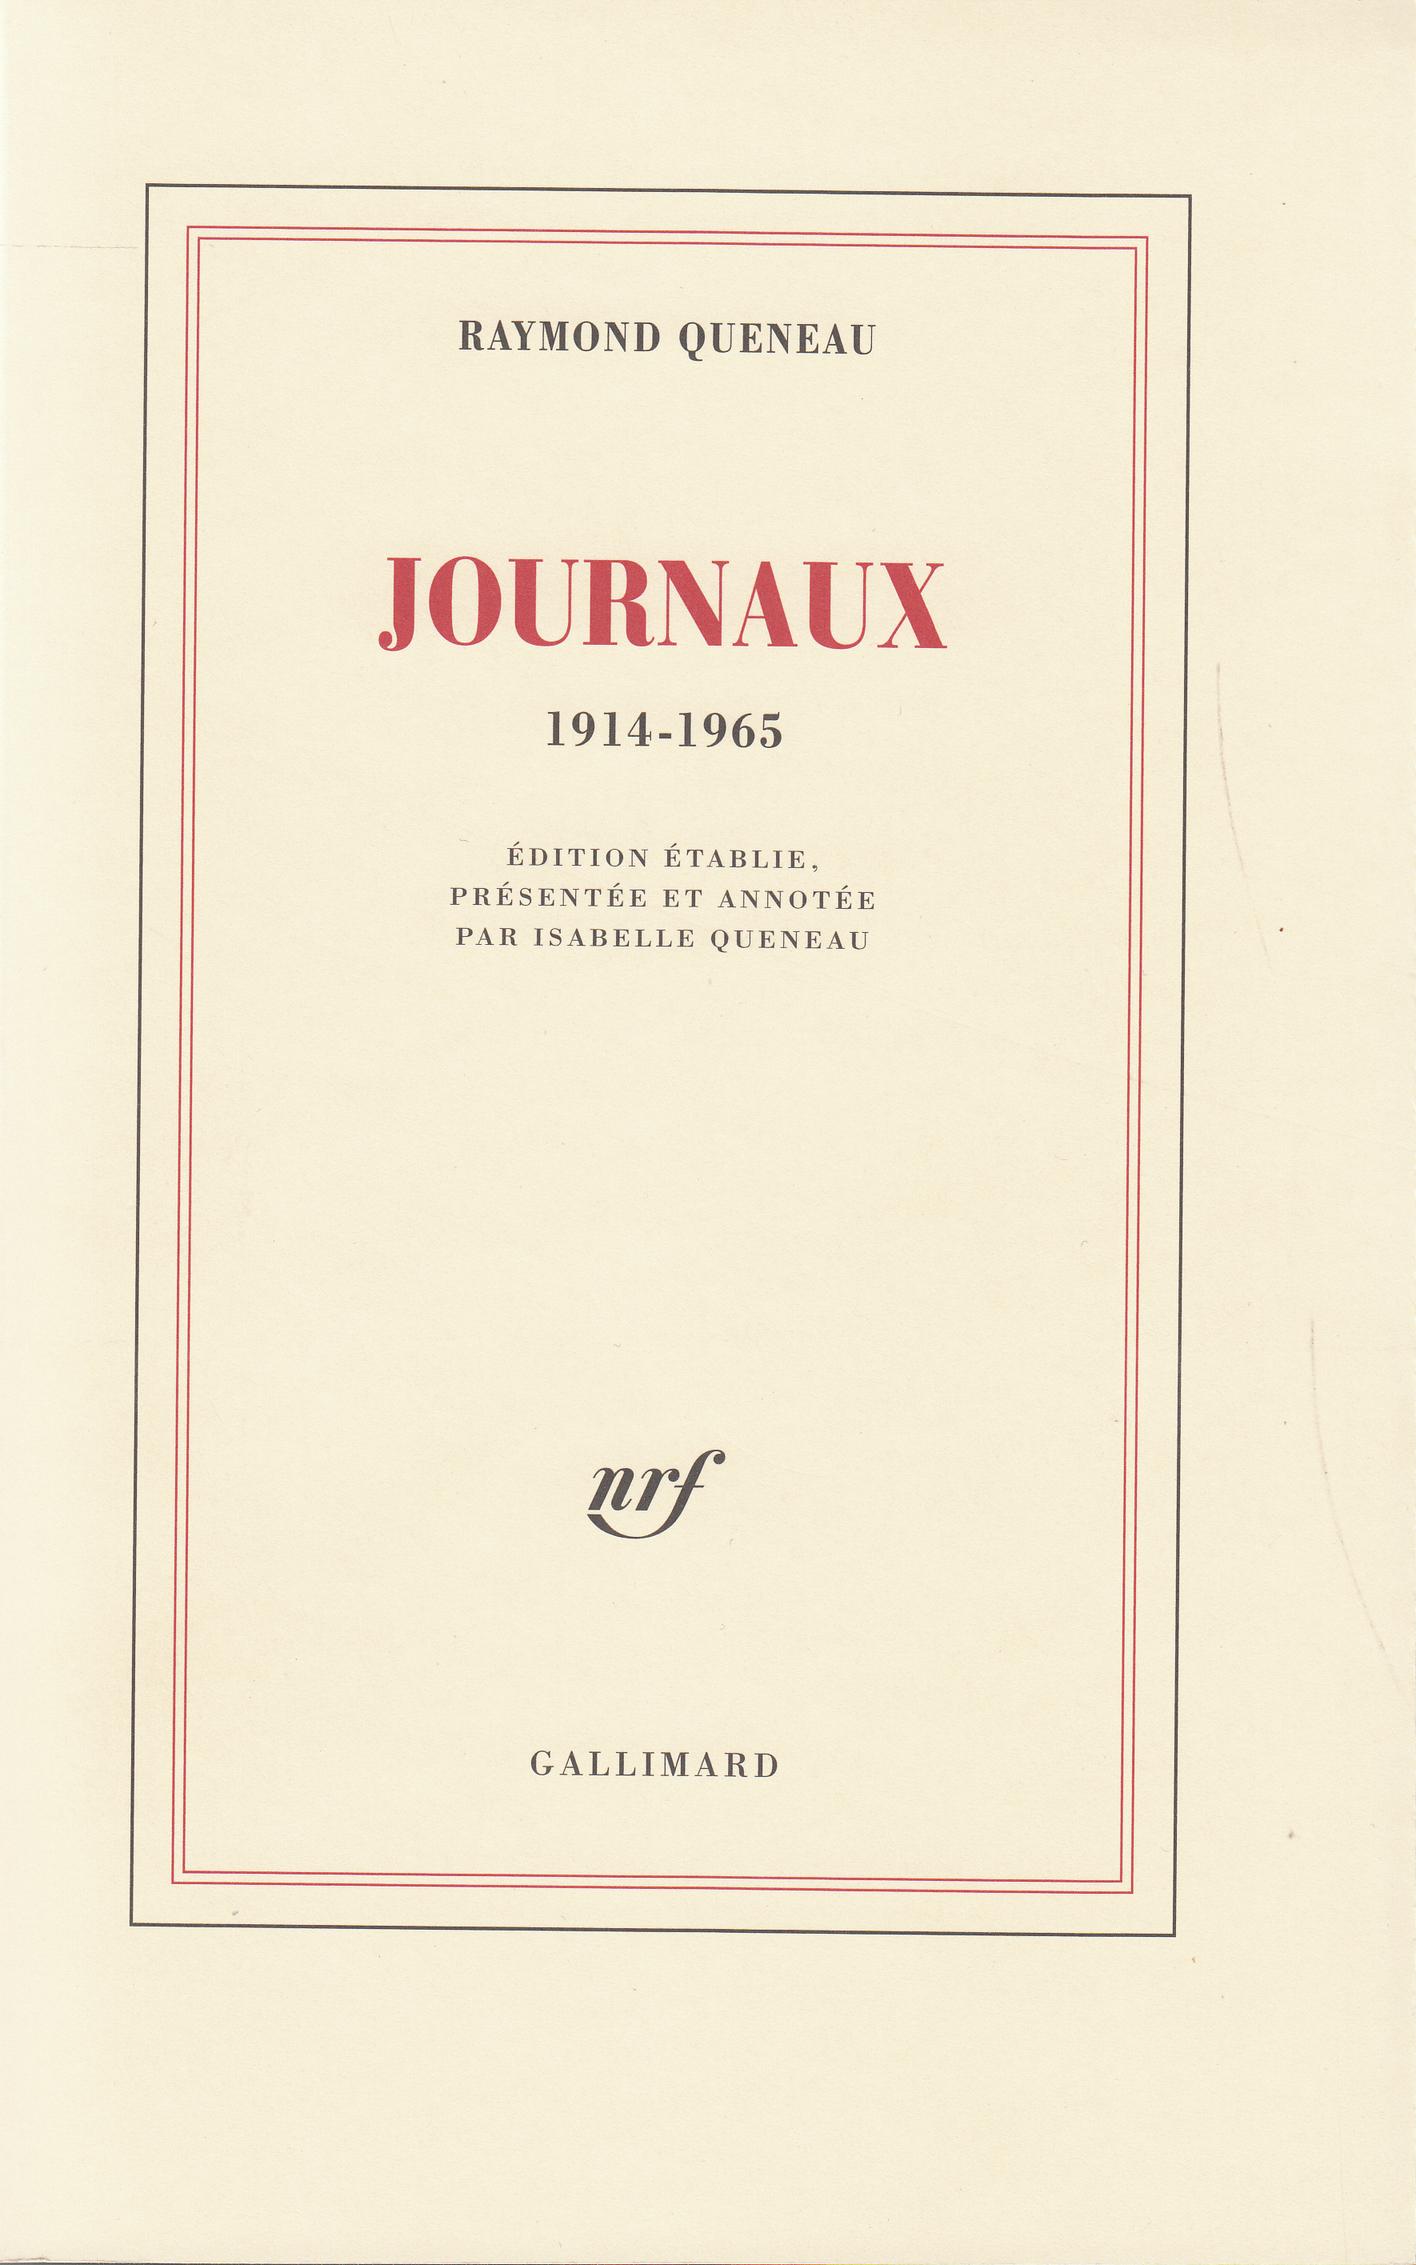 R. Queneau, Journaux (1914-1965)